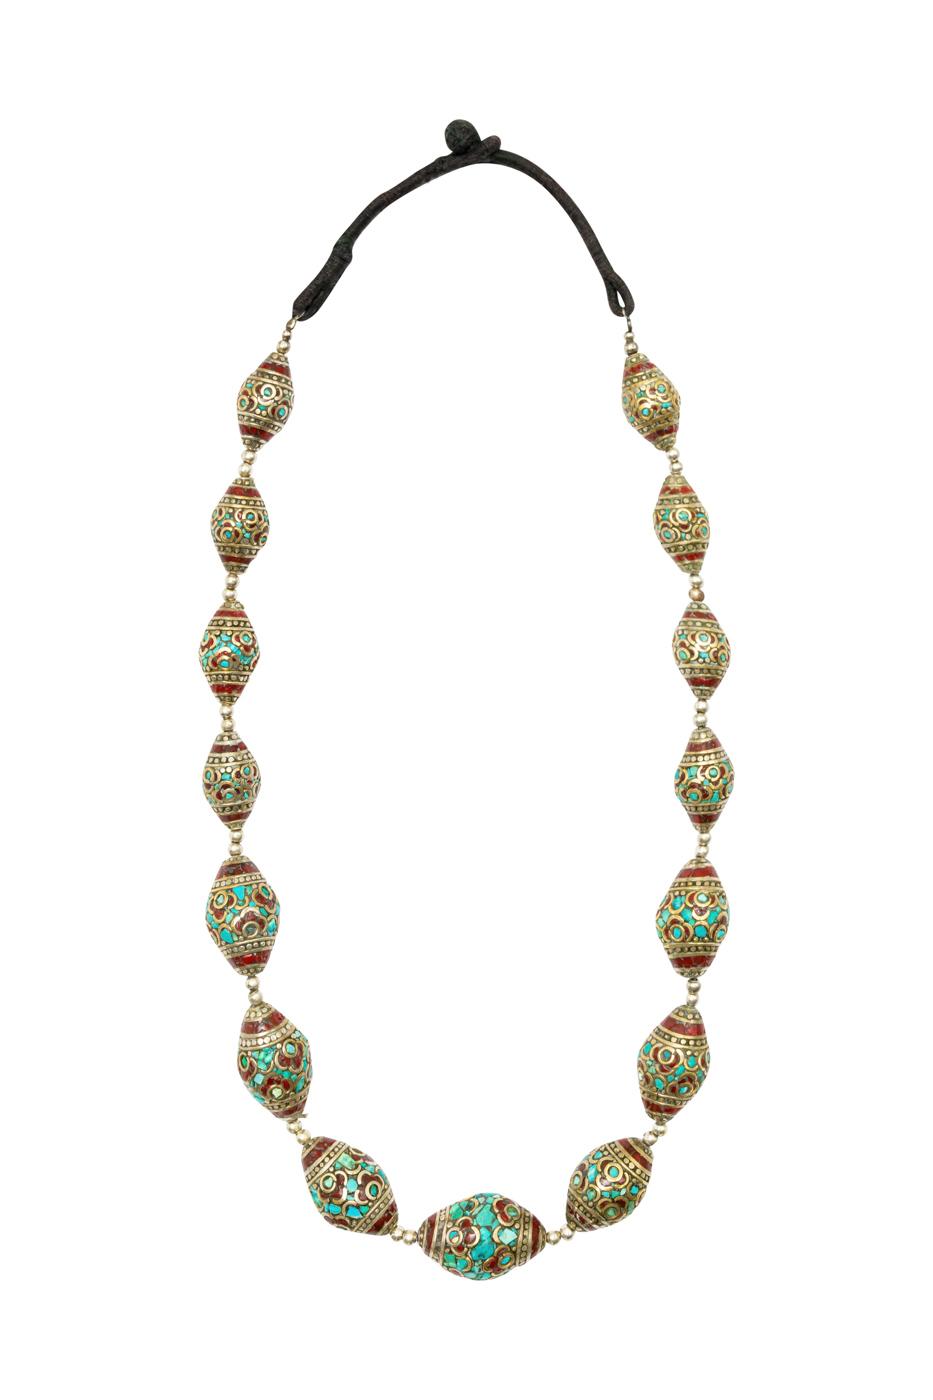 Collar plata evjevecida con incrustaciones de turquesa.